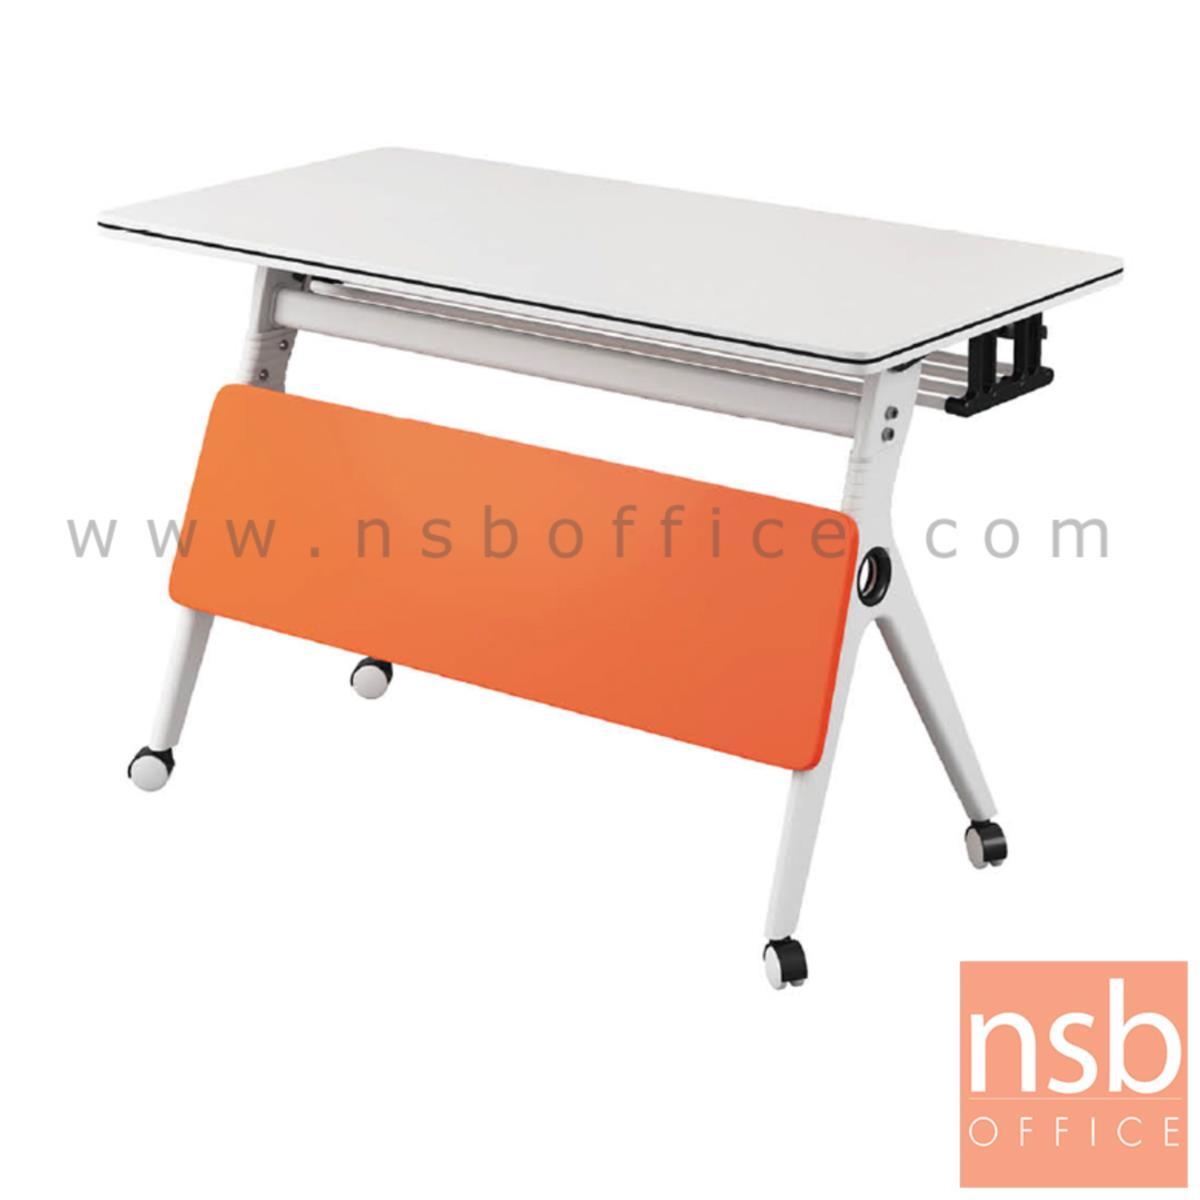 B30A055:โต๊ะล้อเลื่อน รุ่น herb (เฮิร์บ) ขนาด 120W*55D cm. มีบังตาและที่เก็บของใต้โต๊ะ